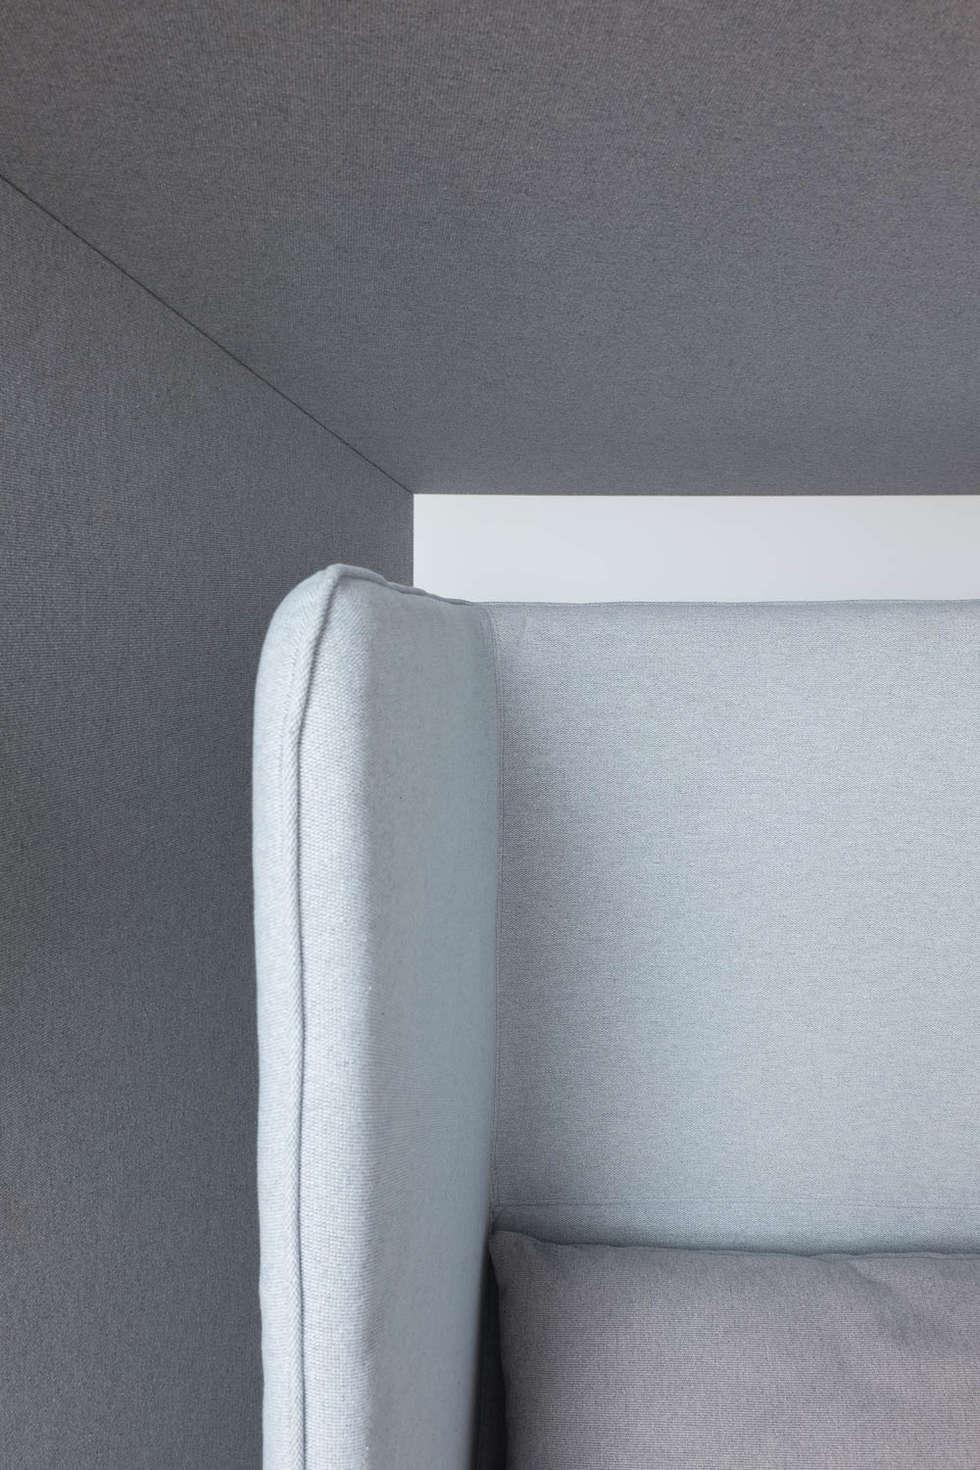 ATELIER TROPIQUE / Espace détente d'entreprise: Bureaux de style  par Atelier Tropique